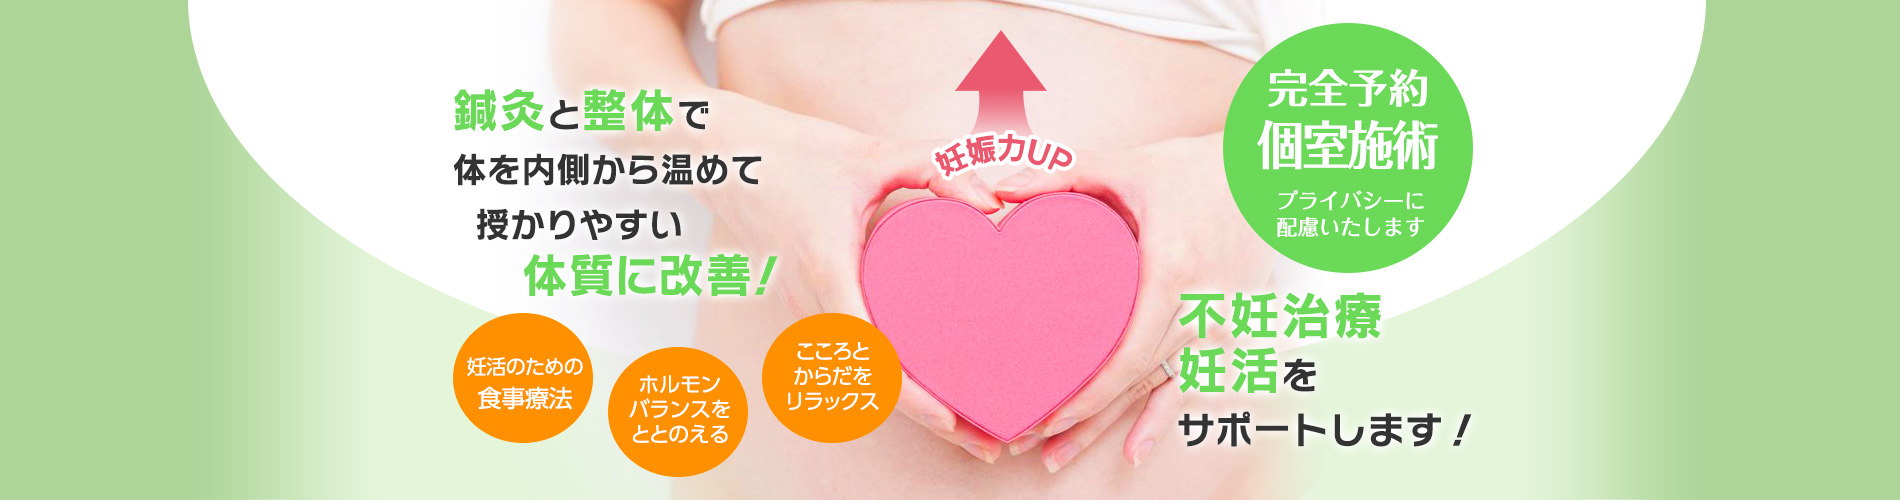 鍼灸と整体で体を内側から温めて授かりやすい体質に改善!不妊治療・妊活をサポートします! 妊活のための食事療法 ホルモンバランスをととのえる。こころとからだをリラックス 妊娠力UP! 完全予約 個室施術でプライバシーに配慮します